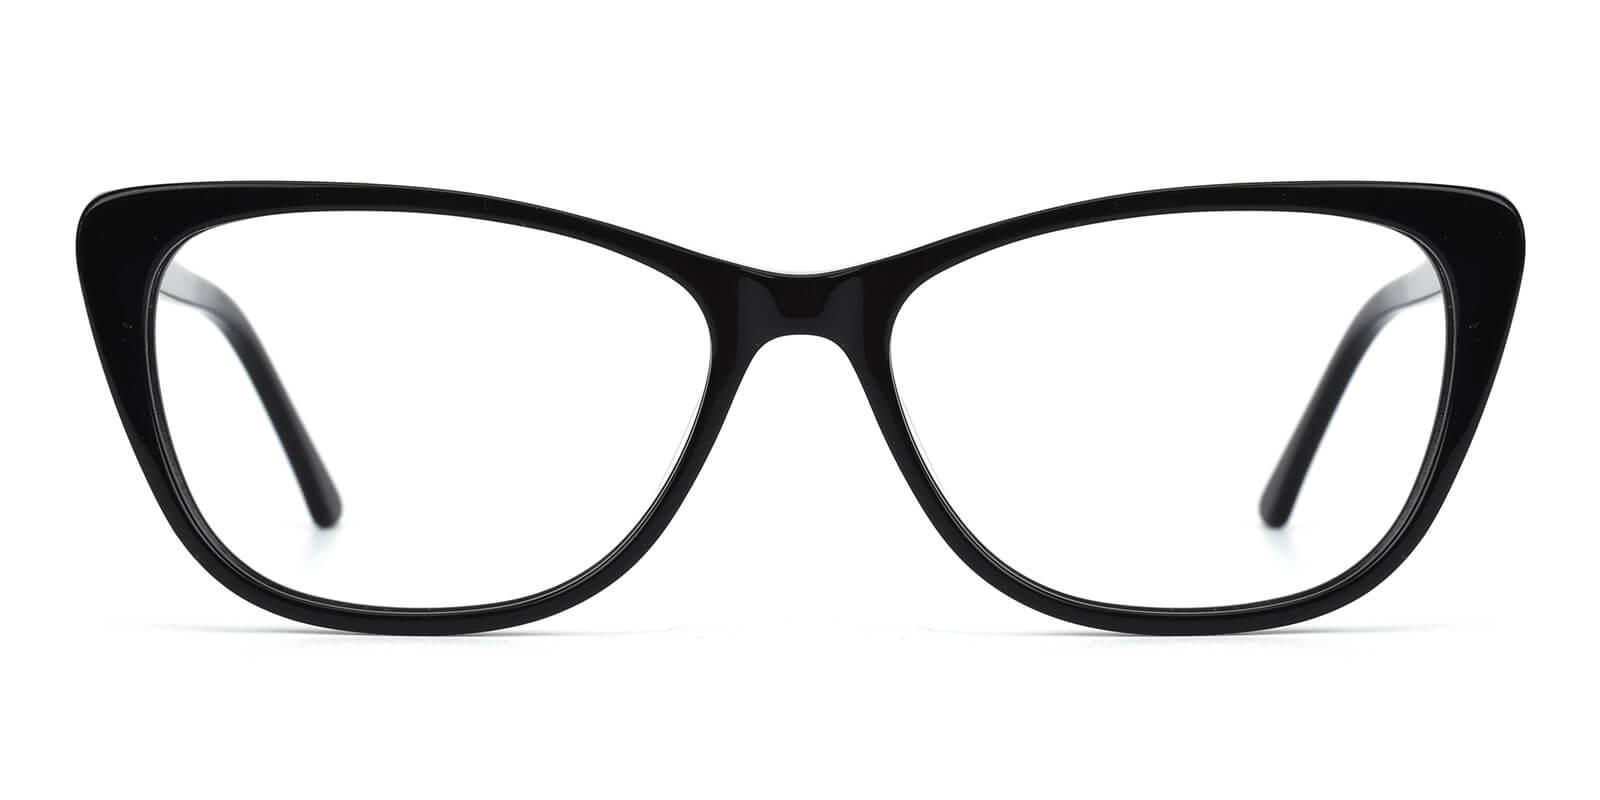 Tersaki-Black-Cat-Acetate-Eyeglasses-detail